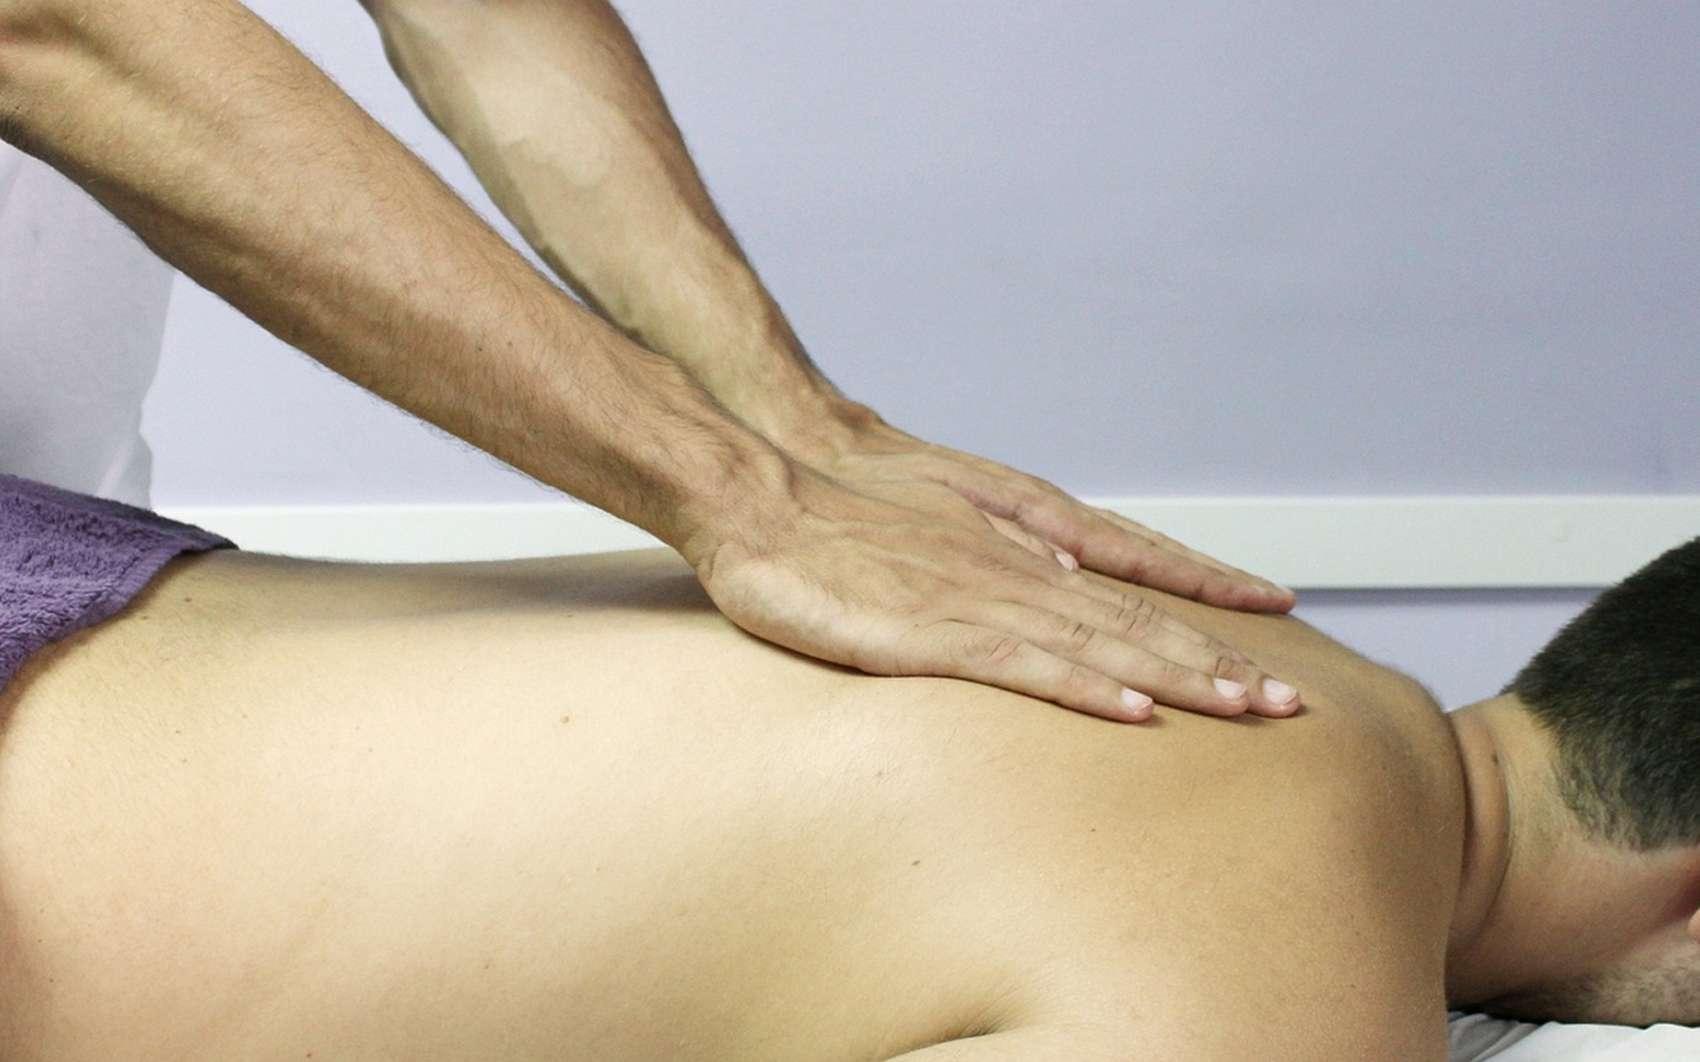 Kinesitherapeute et osteopathe : quelles différences ? © jarmon_88 by Pixabay